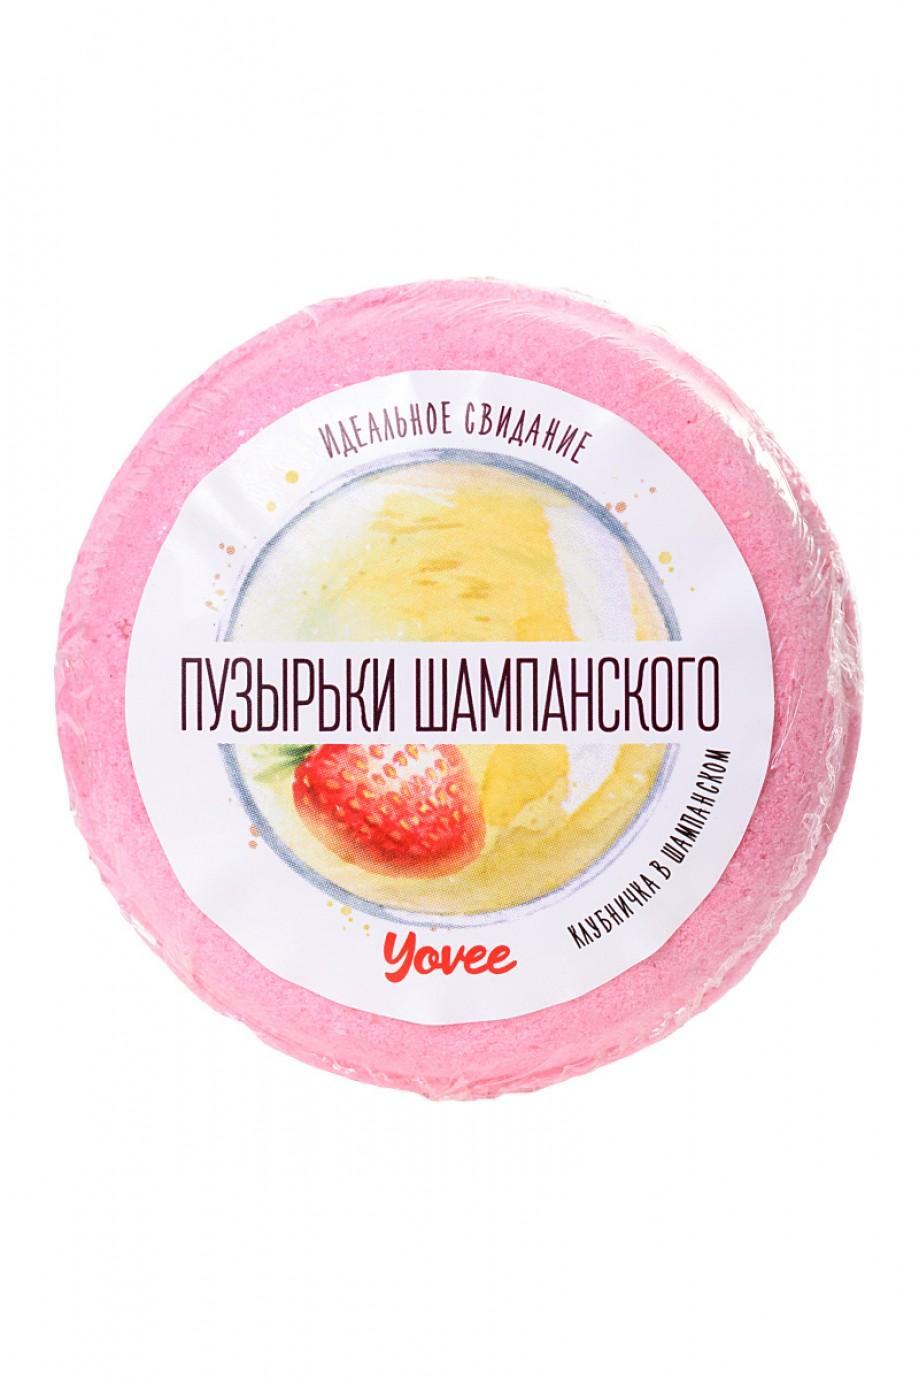 Бомбочка для ванны Yovee by Toyfa «Пузырьки шампанского», с ароматом клубники и шампанского, 70 г